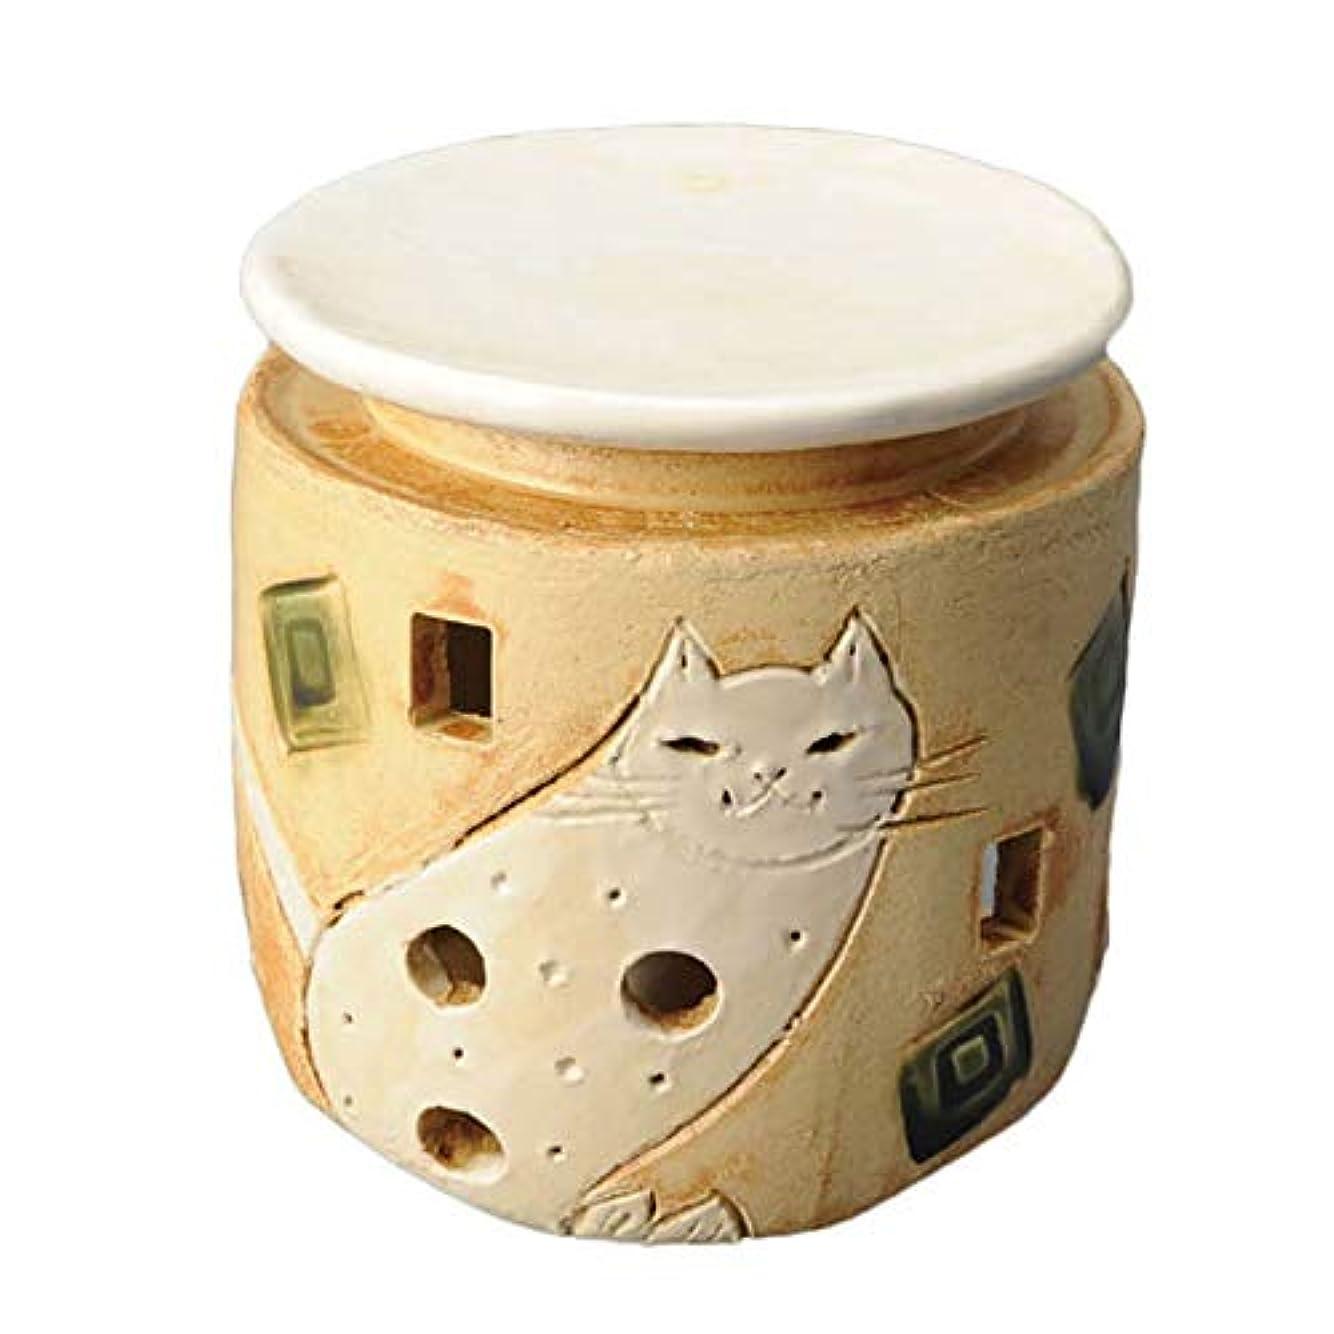 モンスターアーネストシャクルトン症候群手造り 茶香炉/白猫 茶香炉/アロマ 癒やし リラックス インテリア 間接照明